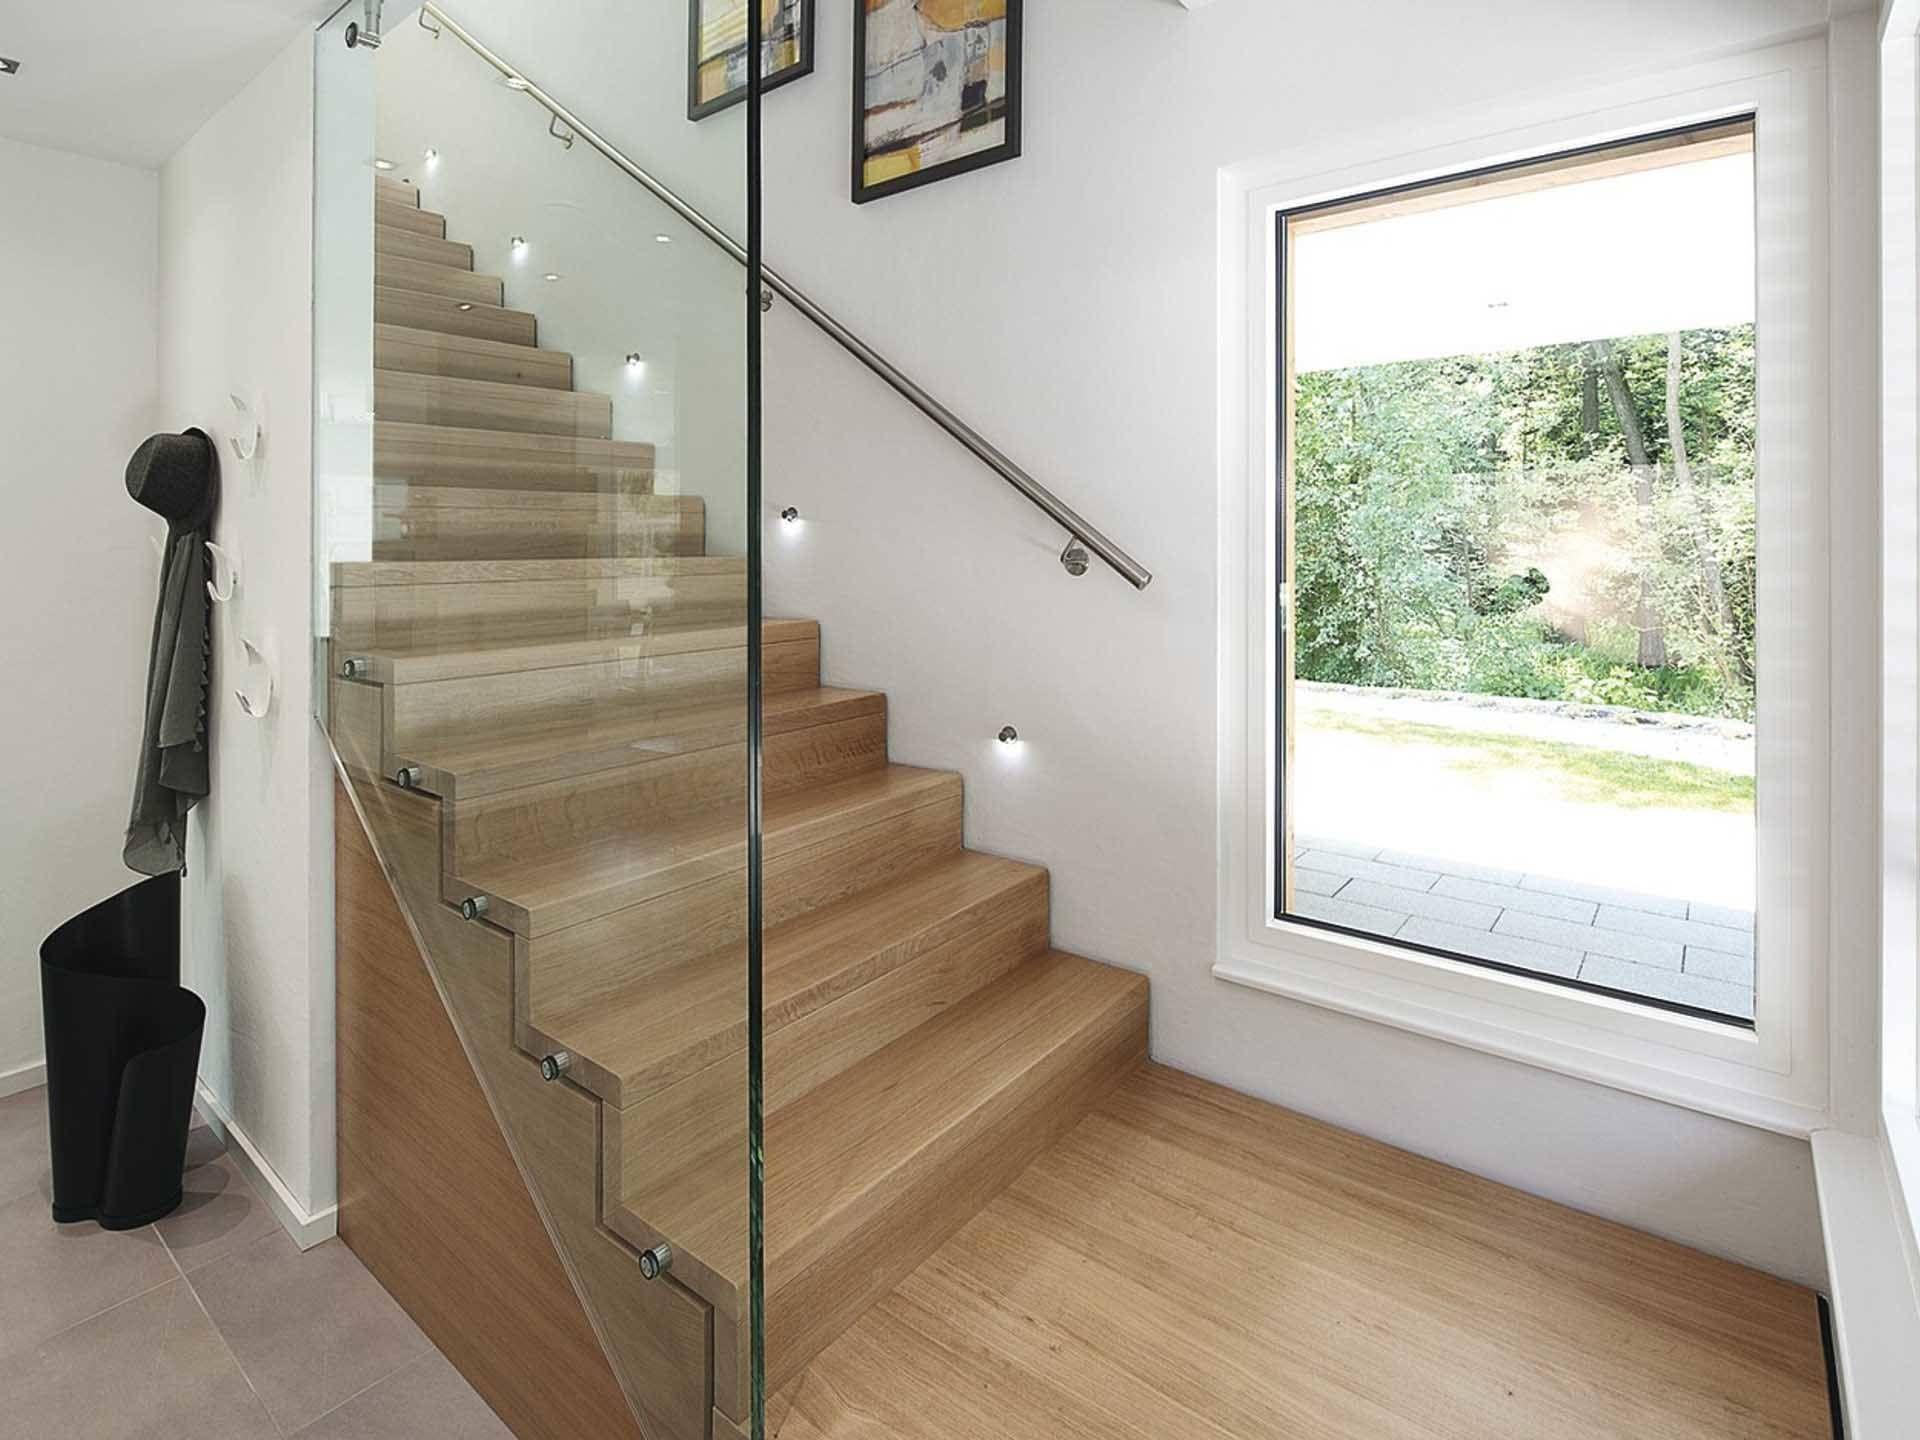 Musterhaus innenausstattung  Treppe im Haus CityLife 700 von WeberHaus • Mit Musterhaus.net ...